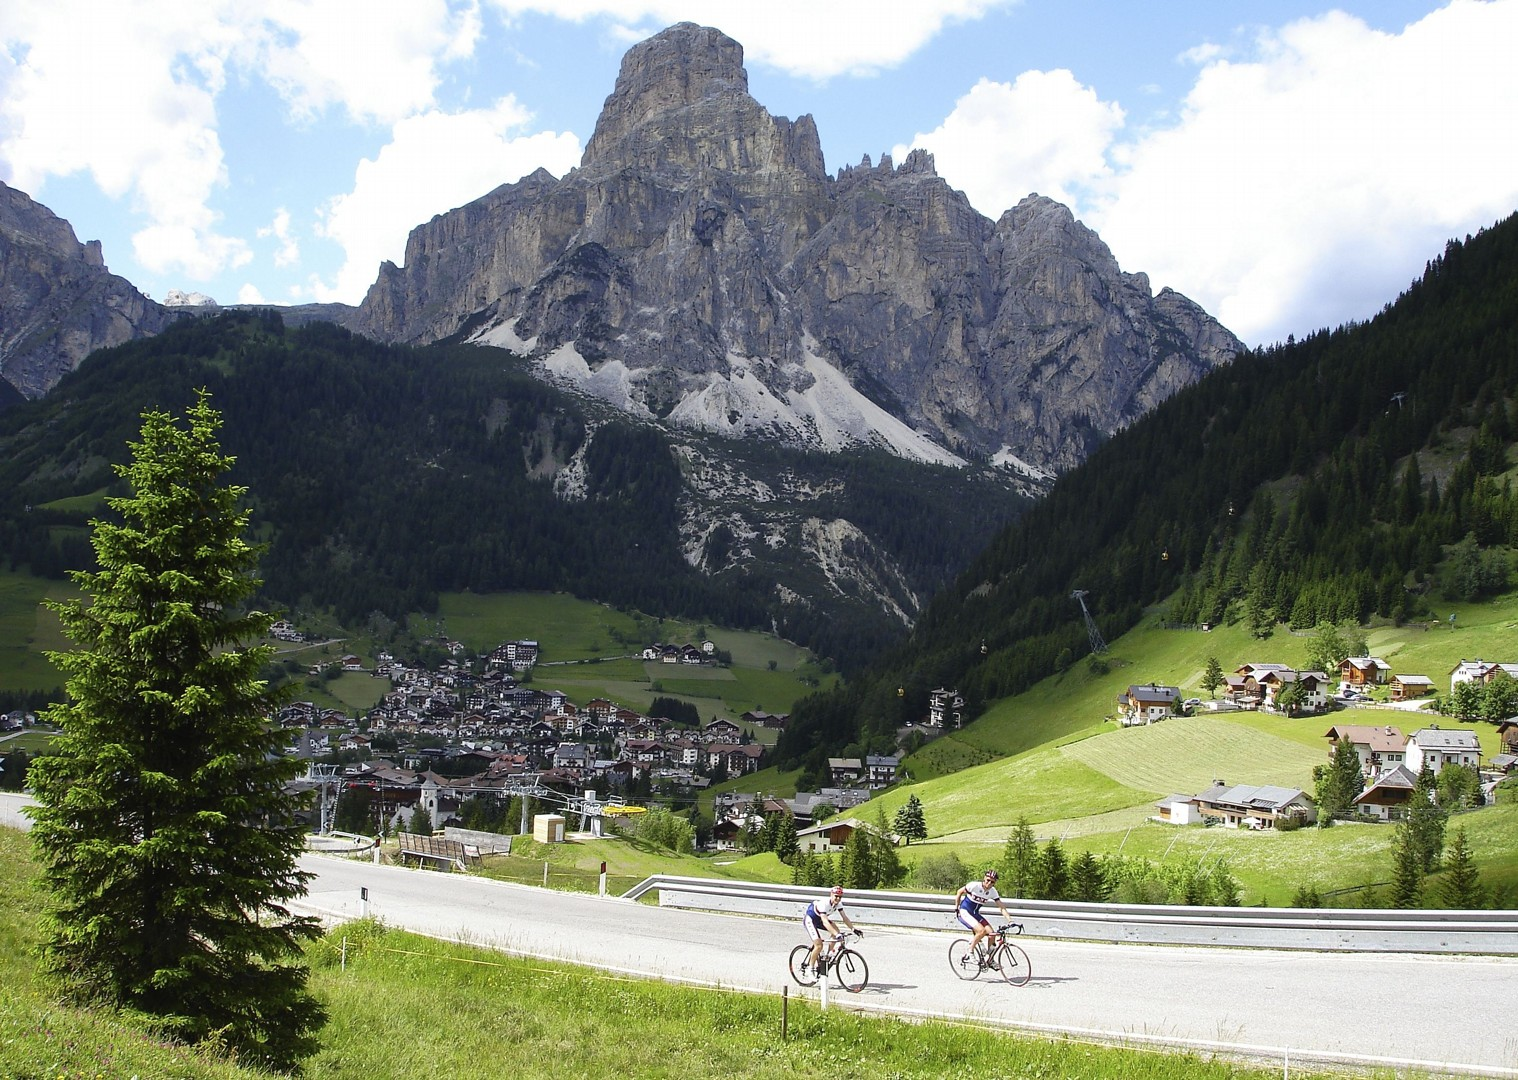 italiandolomites.jpg - Italy - Italian Dolomites - Guided Road Cycling Holiday - Road Cycling